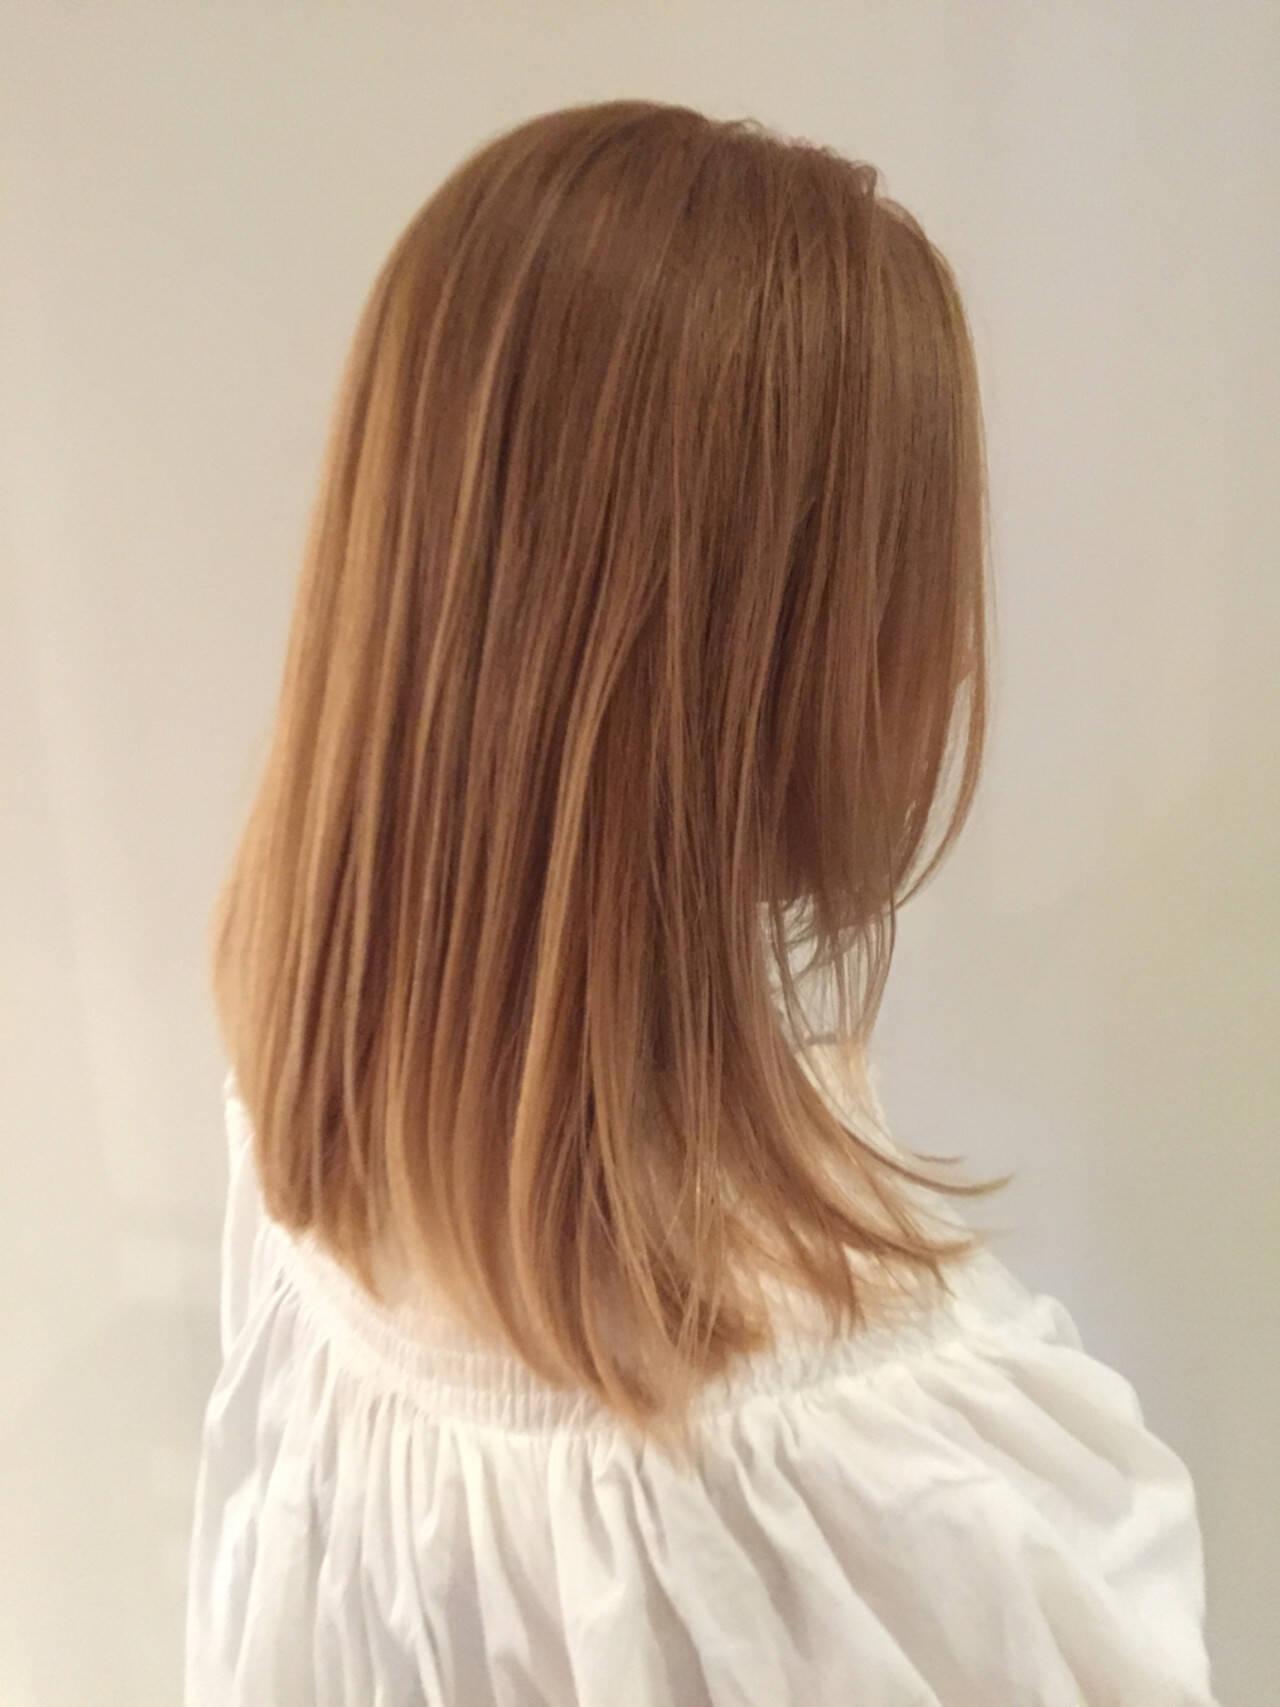 ハイトーン ハイライト ストリート 金髪ヘアスタイルや髪型の写真・画像